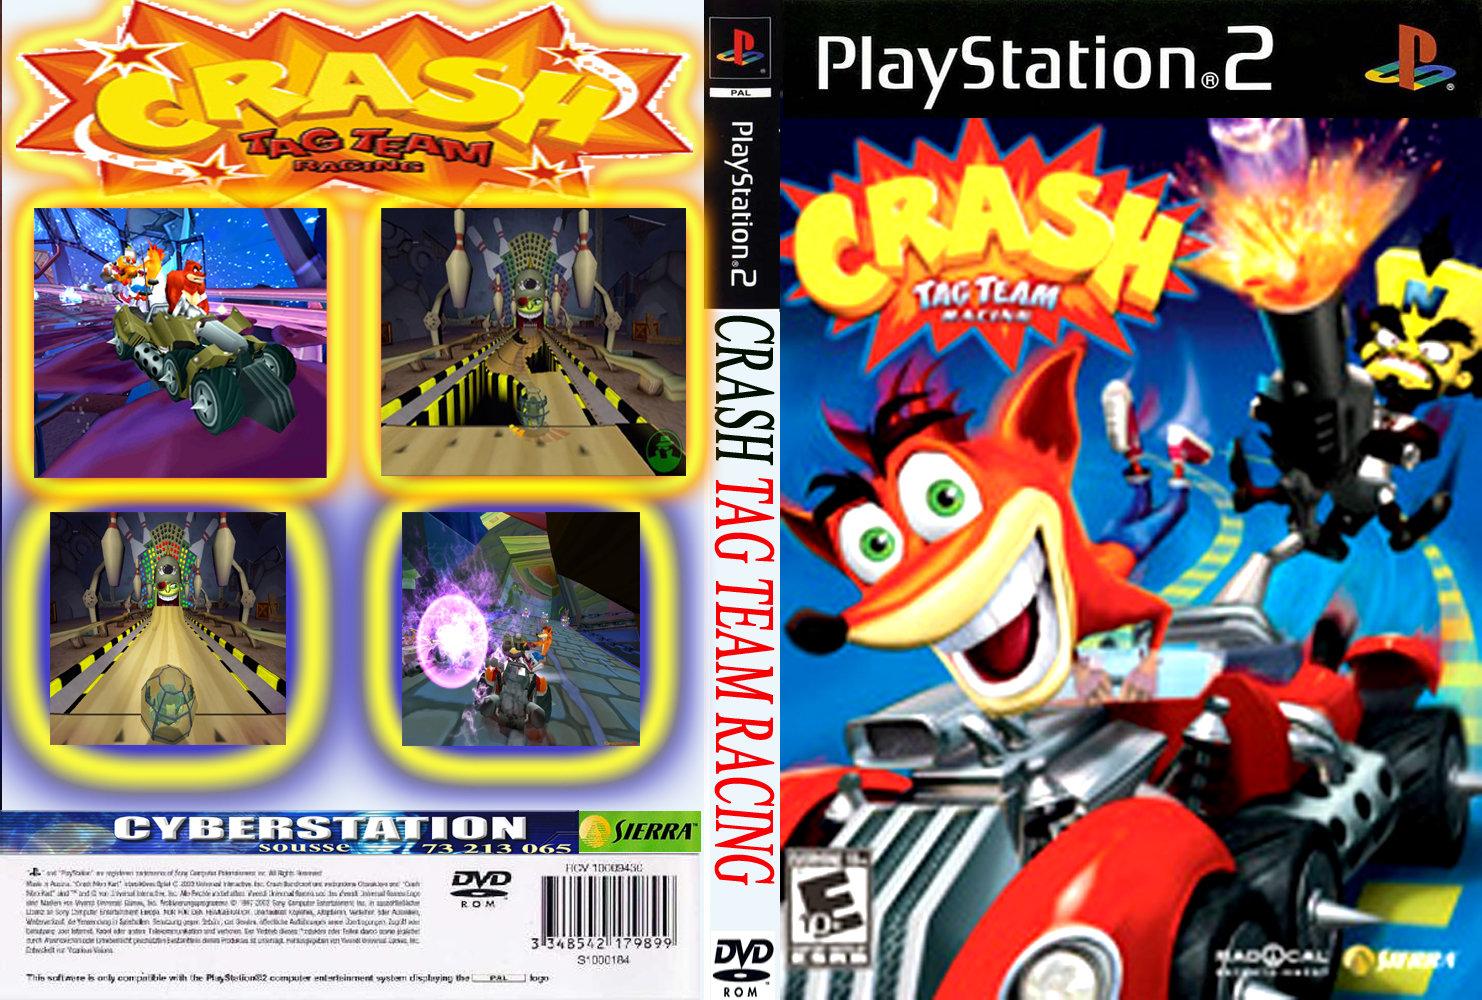 Ok langsung saja untuk Kode Cheat Crash Tag Team Racing PS2 nya: